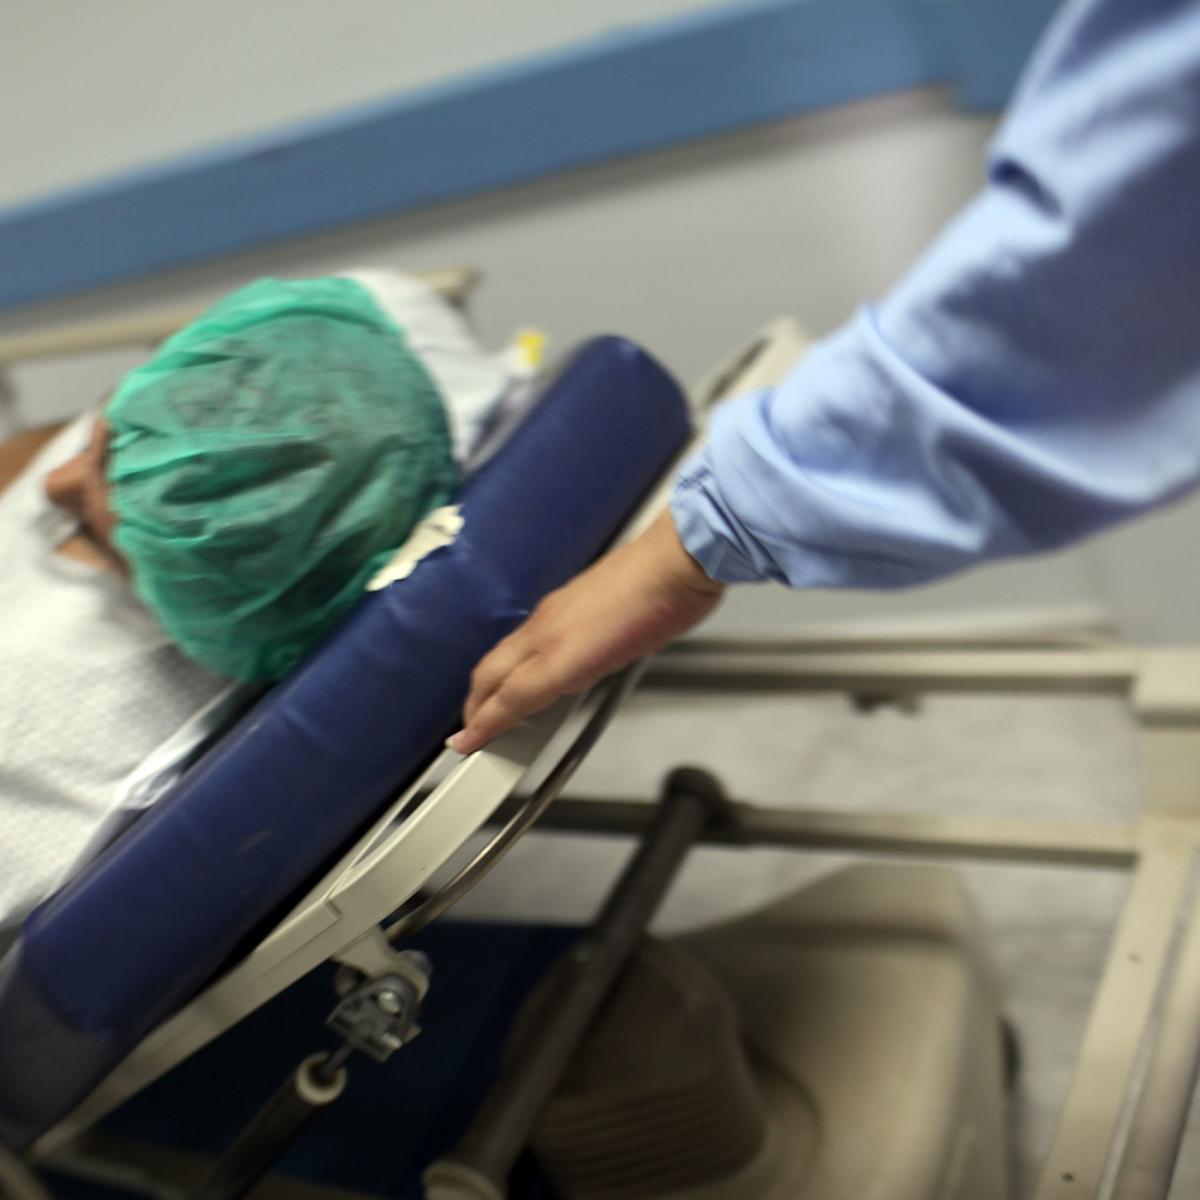 في أحد مستشفيات الأردن (Getty)